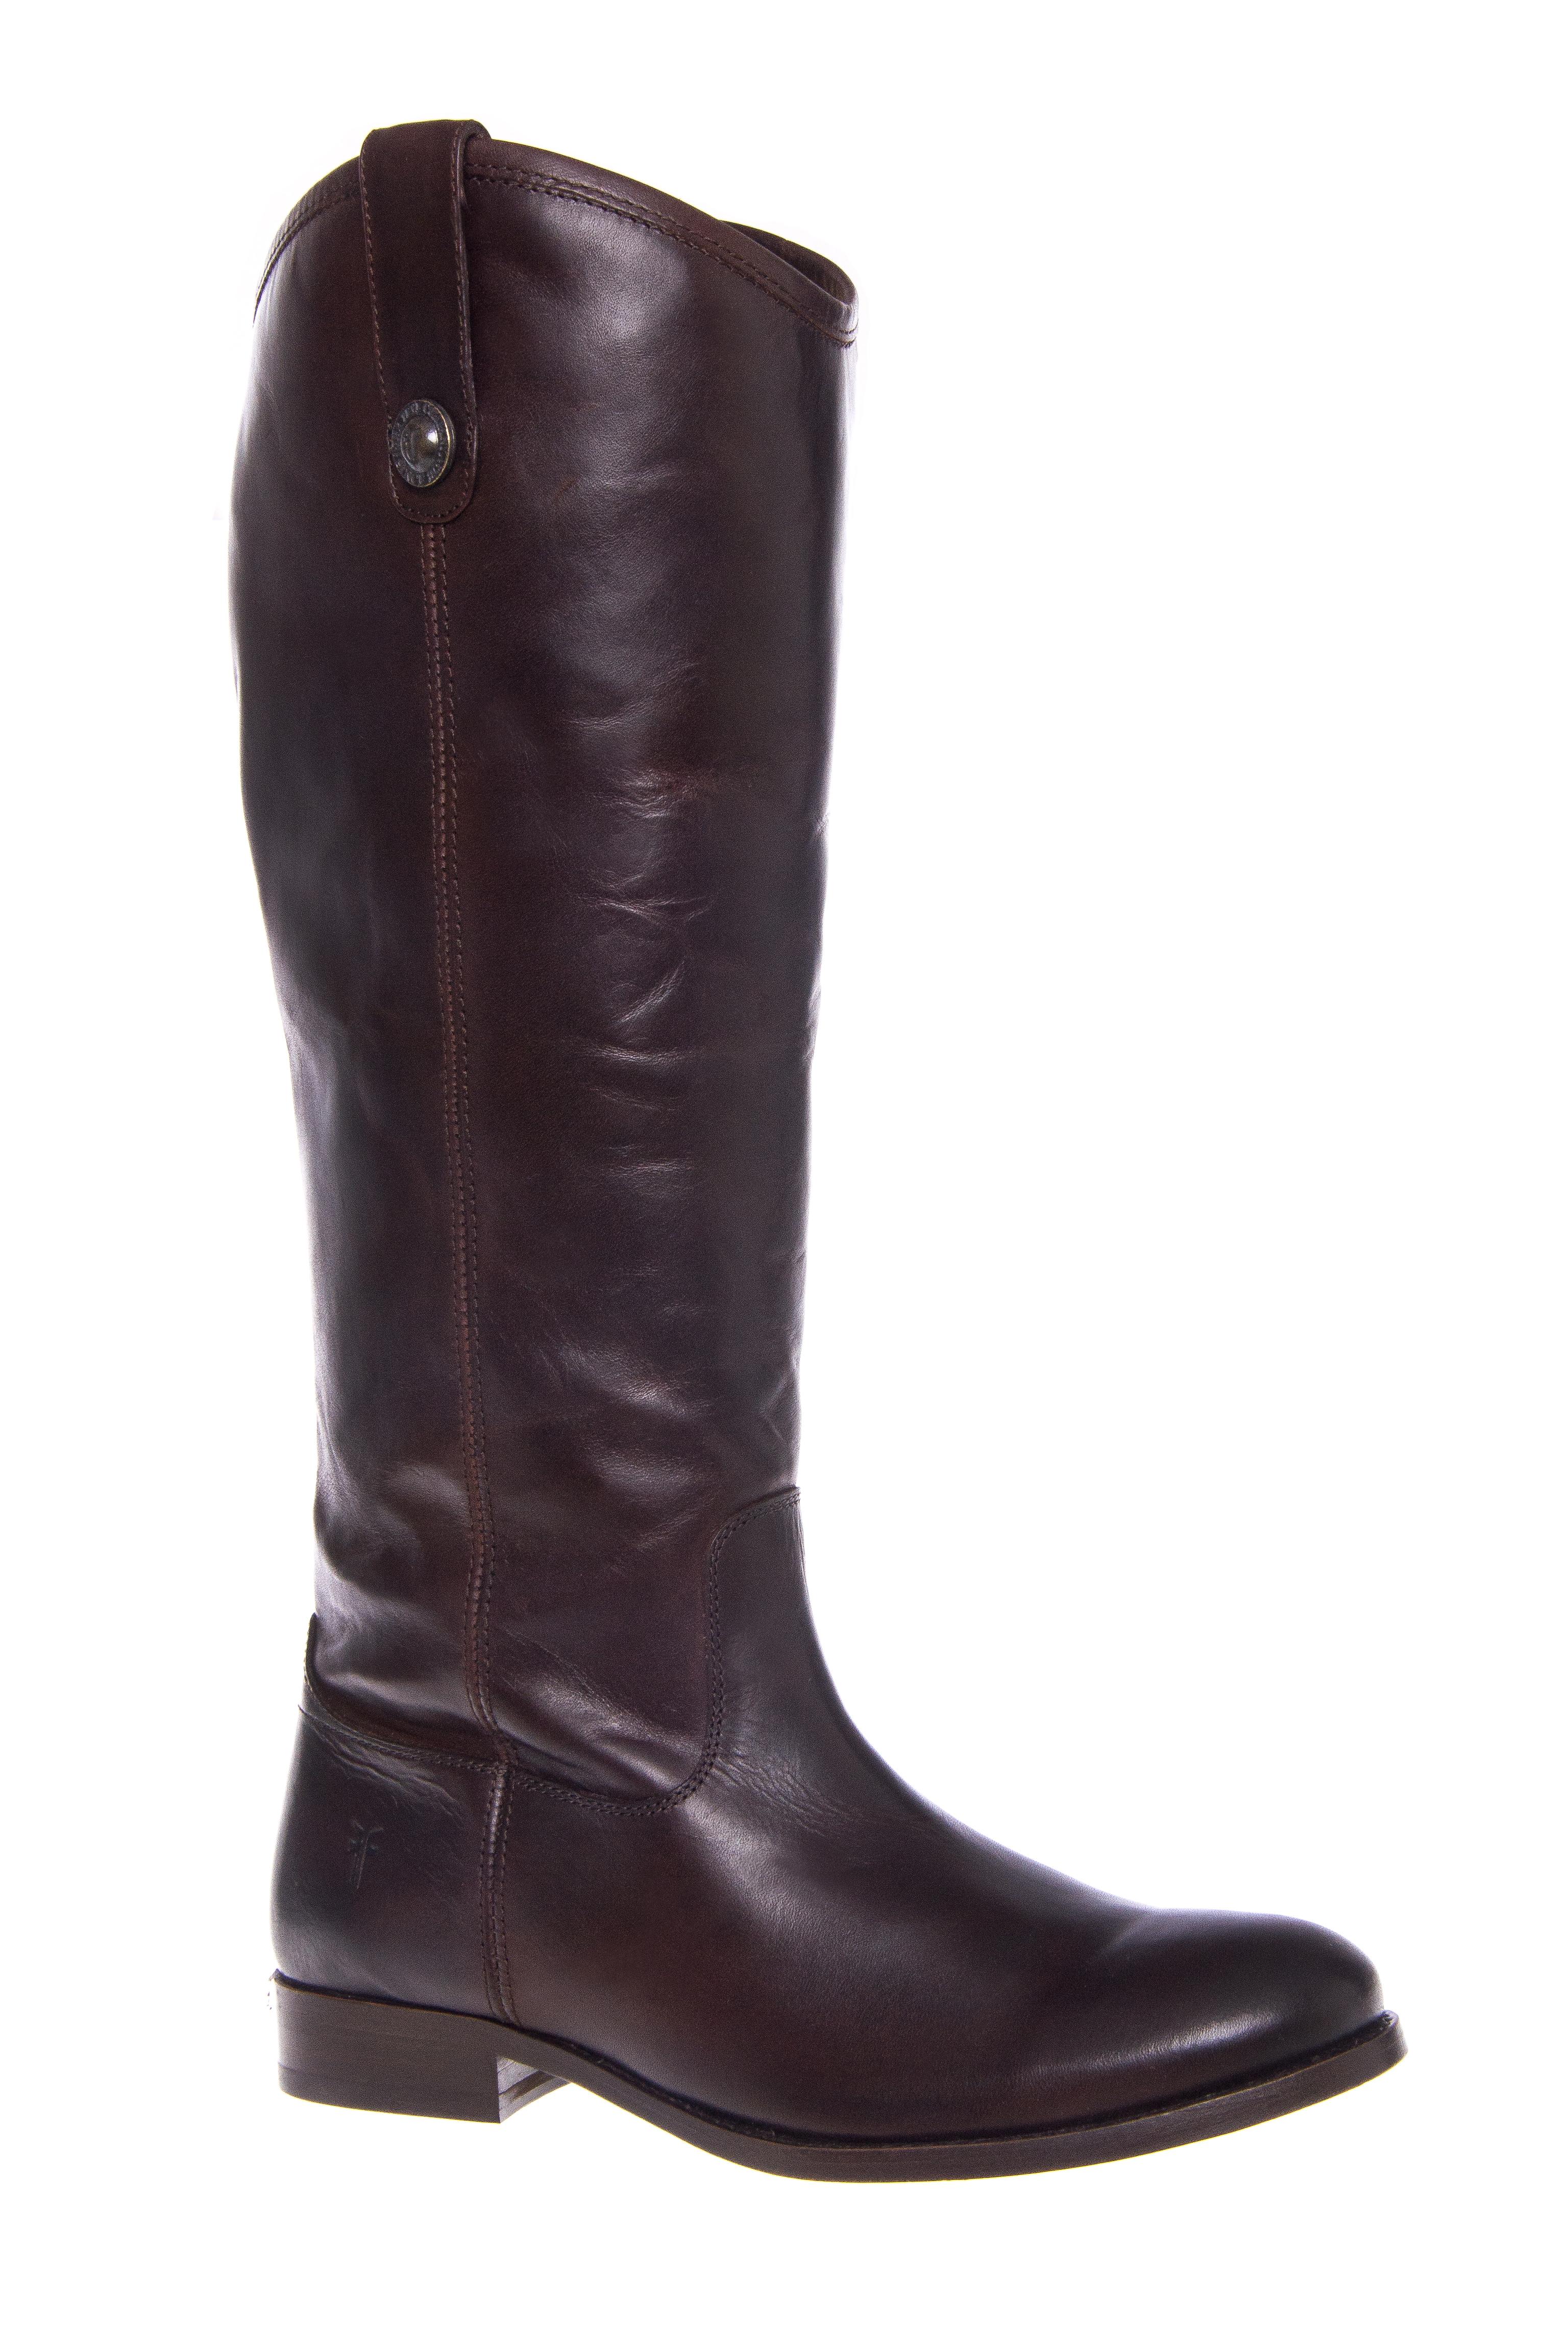 Frye Melissa Button Riding Boots - Dark Brown